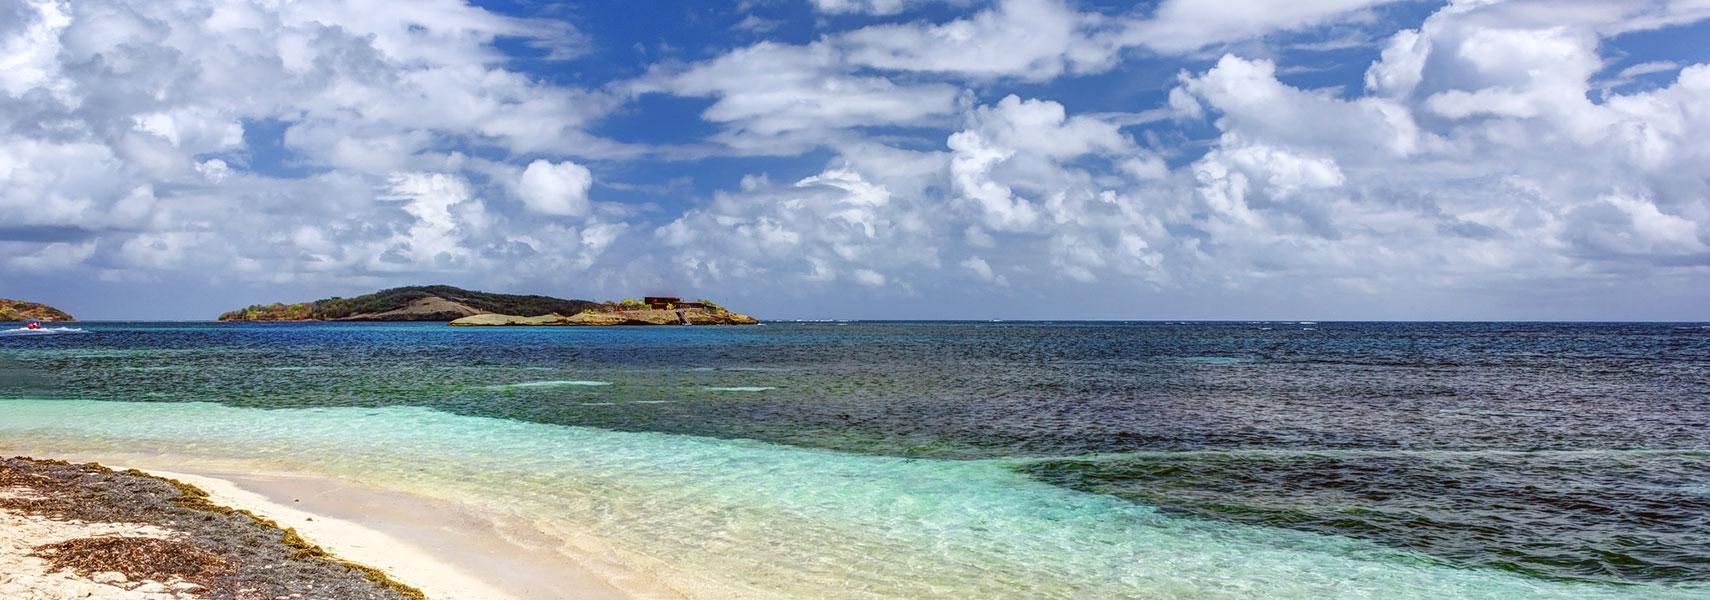 Pourquoi choisir une location de voiture en Martinique?